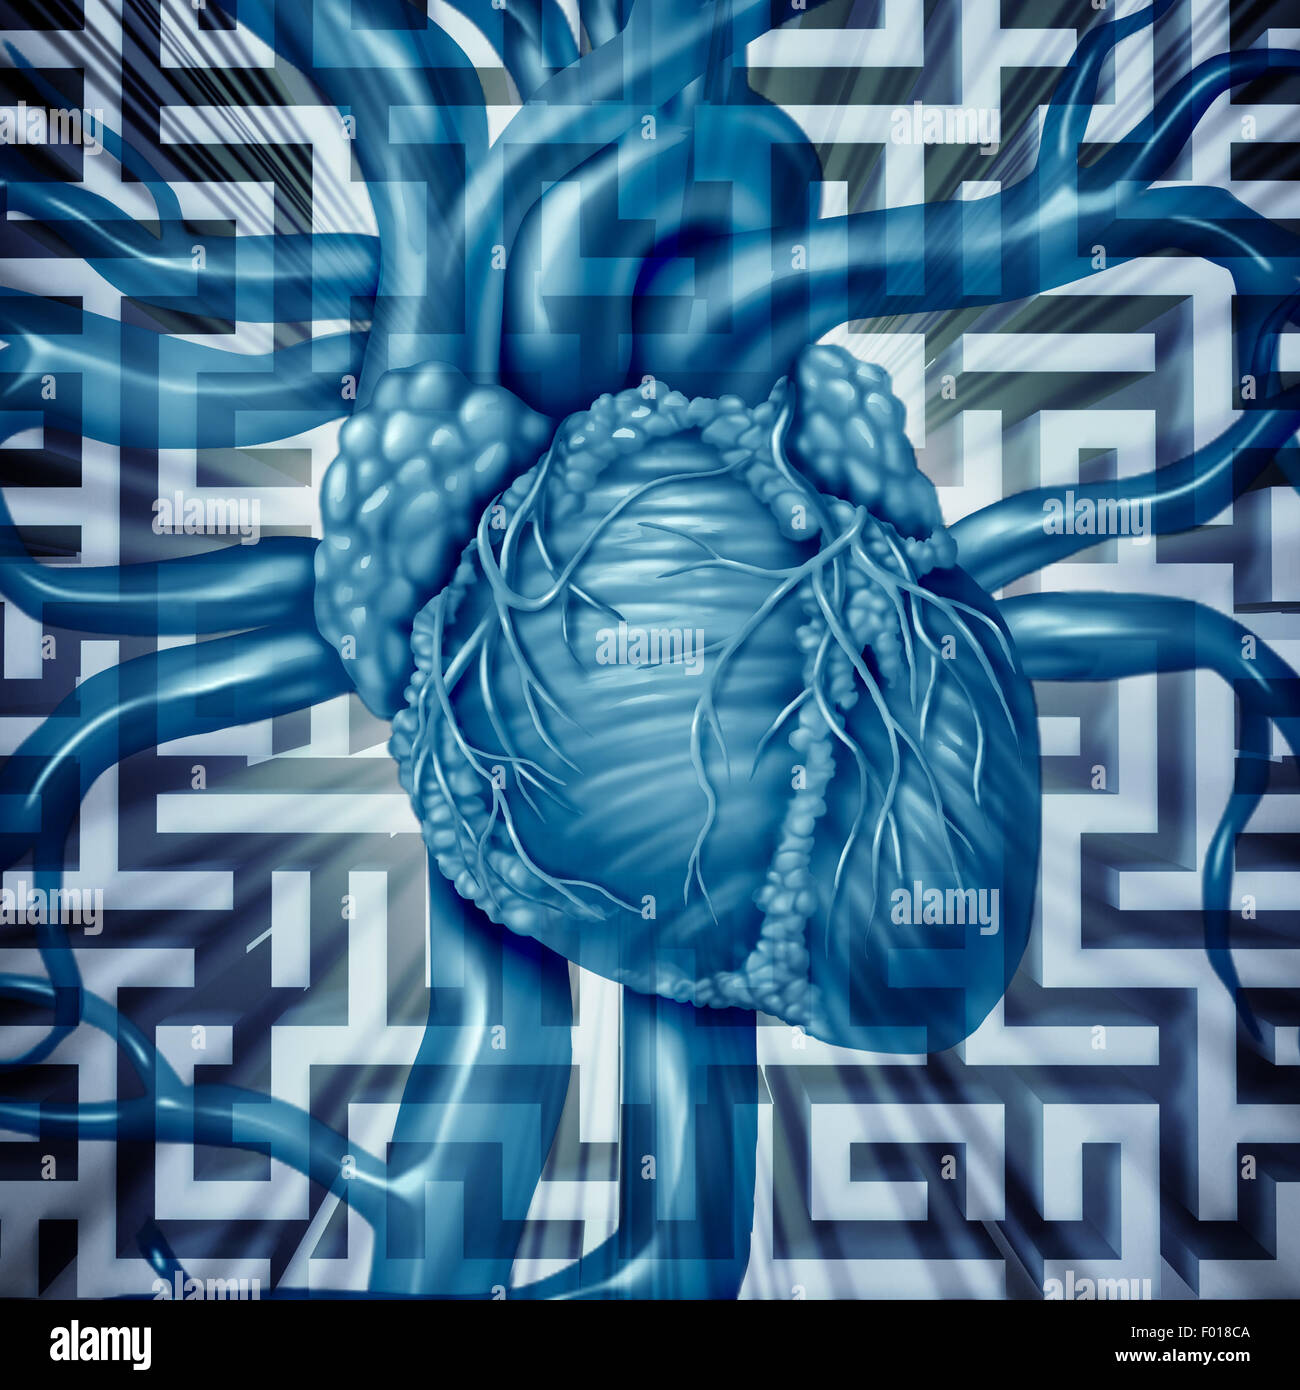 Desafío del corazón humano concepto de problemas cardiovasculares en un laberinto o el laberinto como peligros cardíacos Foto de stock